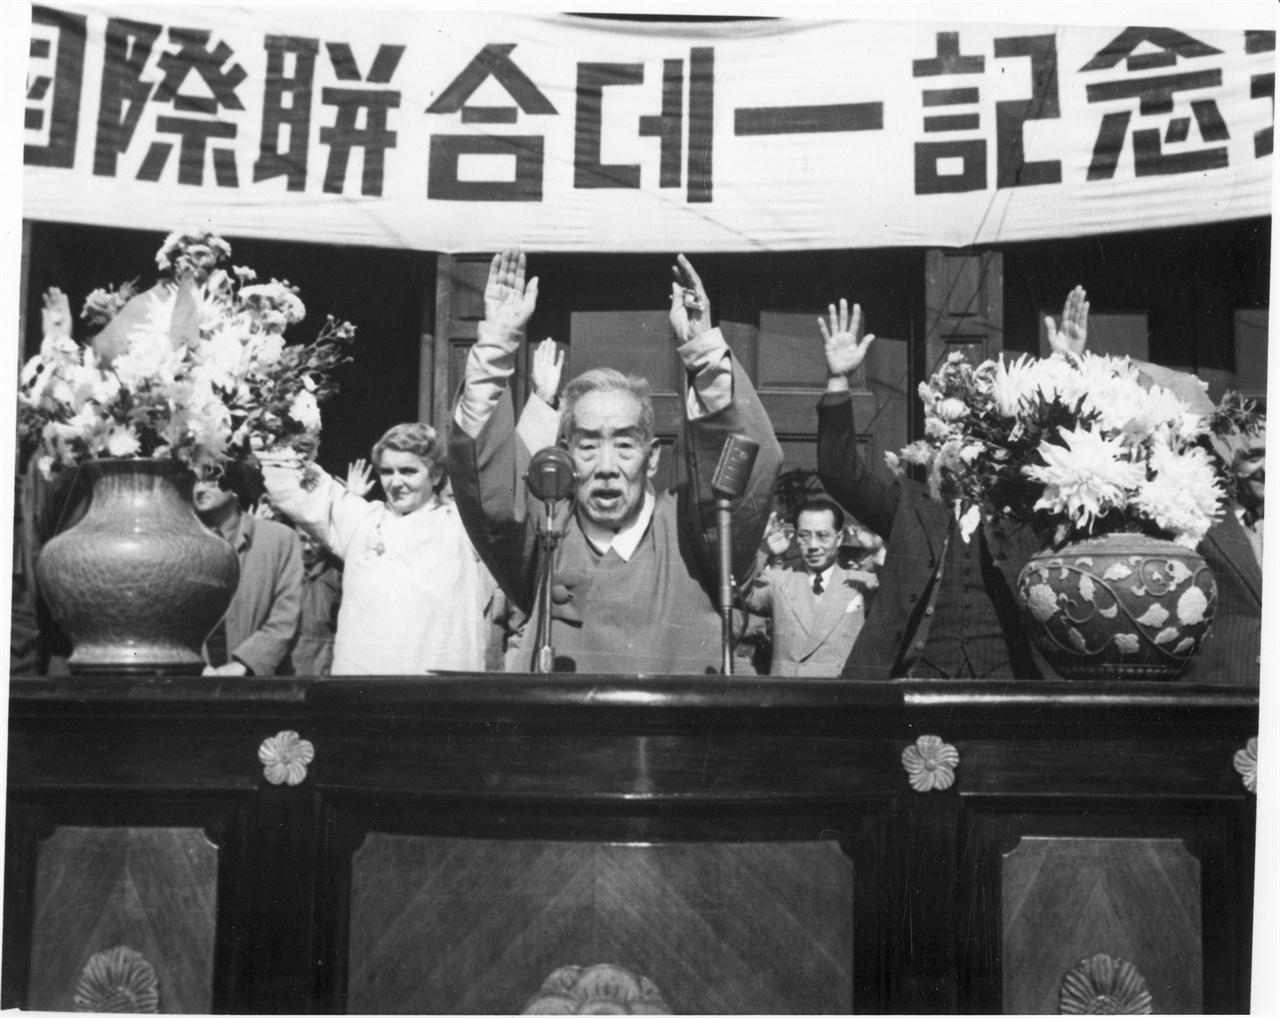 1950. 10. 24. 이시영 부통령이 '유엔의 날' 기념식에서  만세 삼창을 선창하고 있다(왼쪽 프란체스카 이승만 대통령 부인).